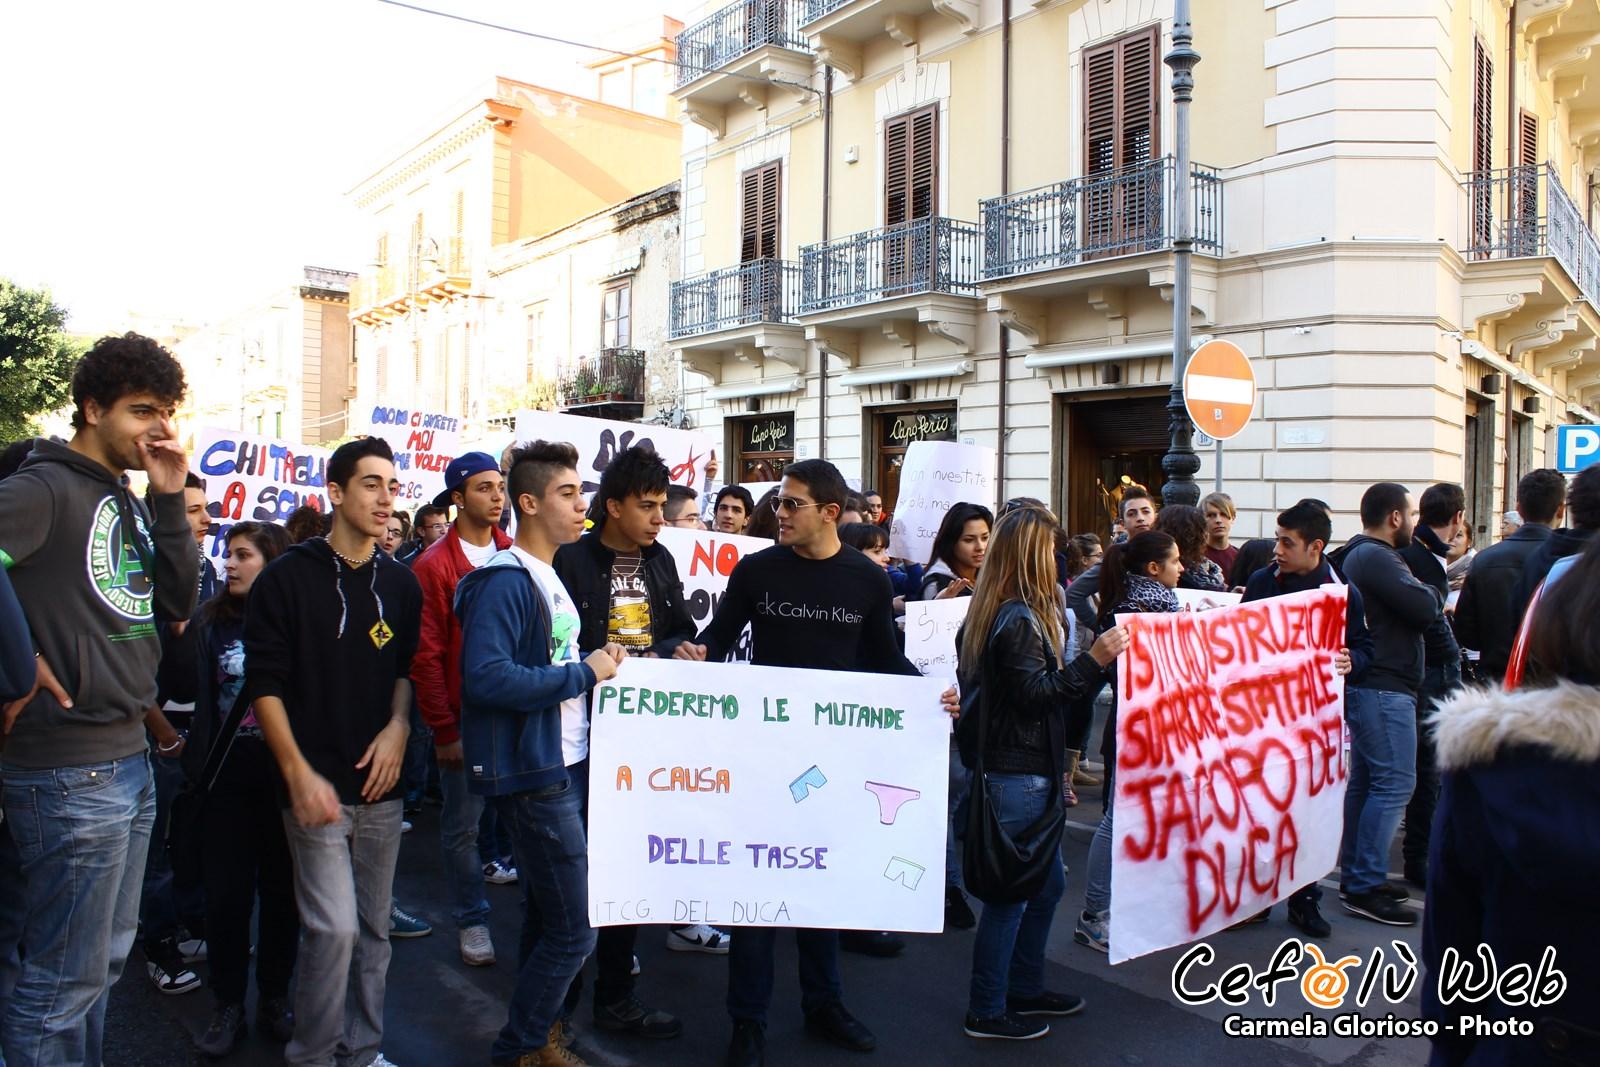 Cefalù: gli studenti manifestano contro i tagli alla scuola